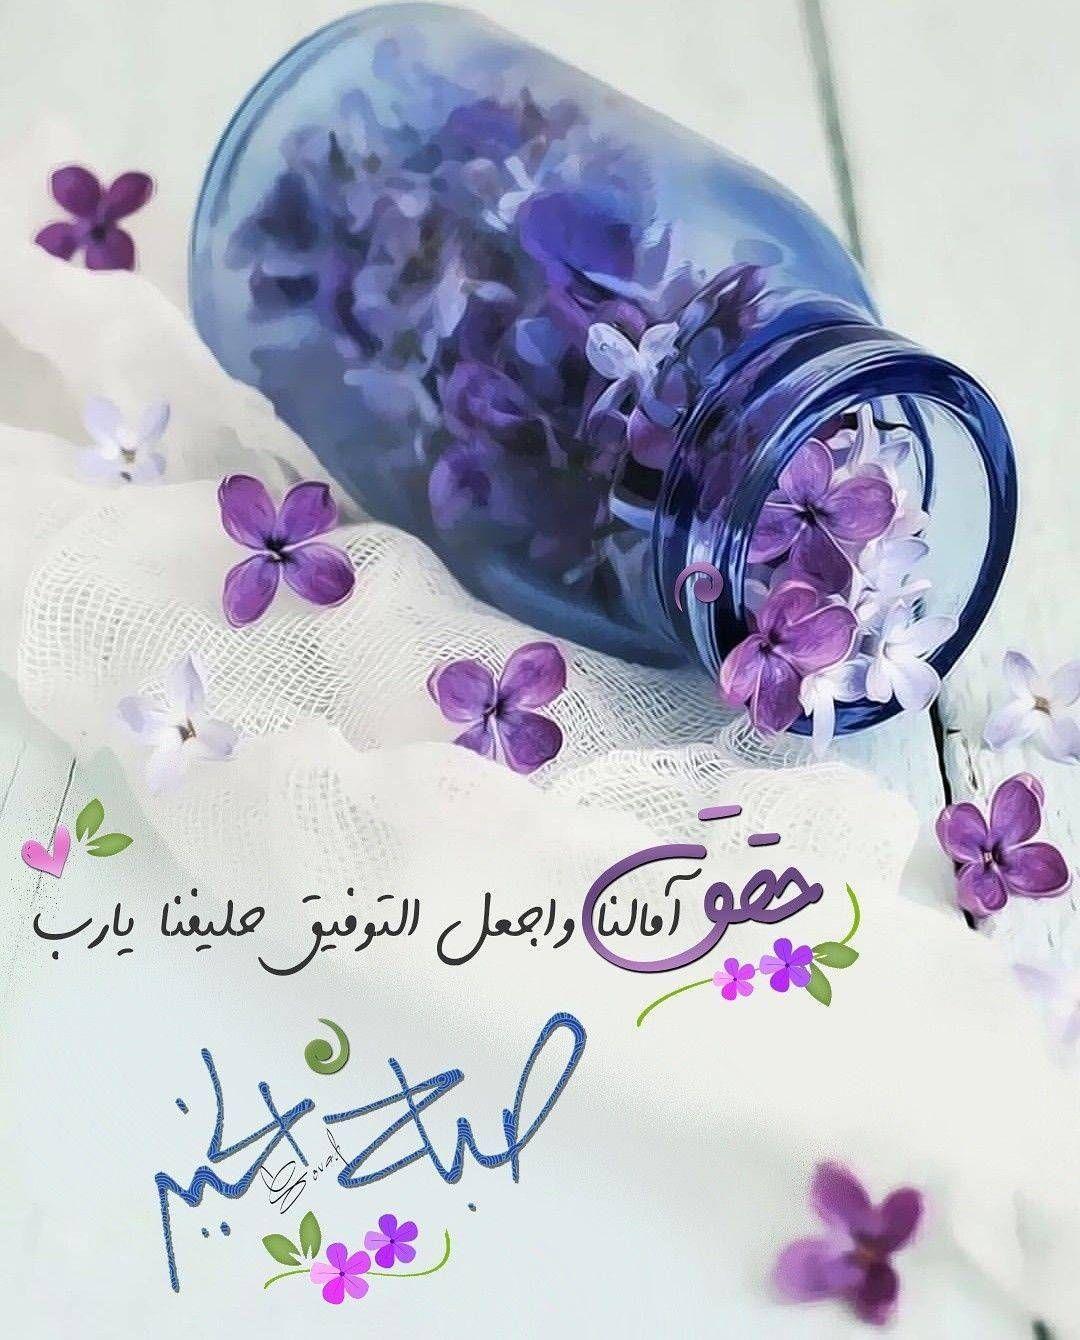 صباح الخيرات والمسرات صباح الورد صباحيات صبح صباح Beautiful Morning Messages Good Morning Arabic Good Morning Greetings